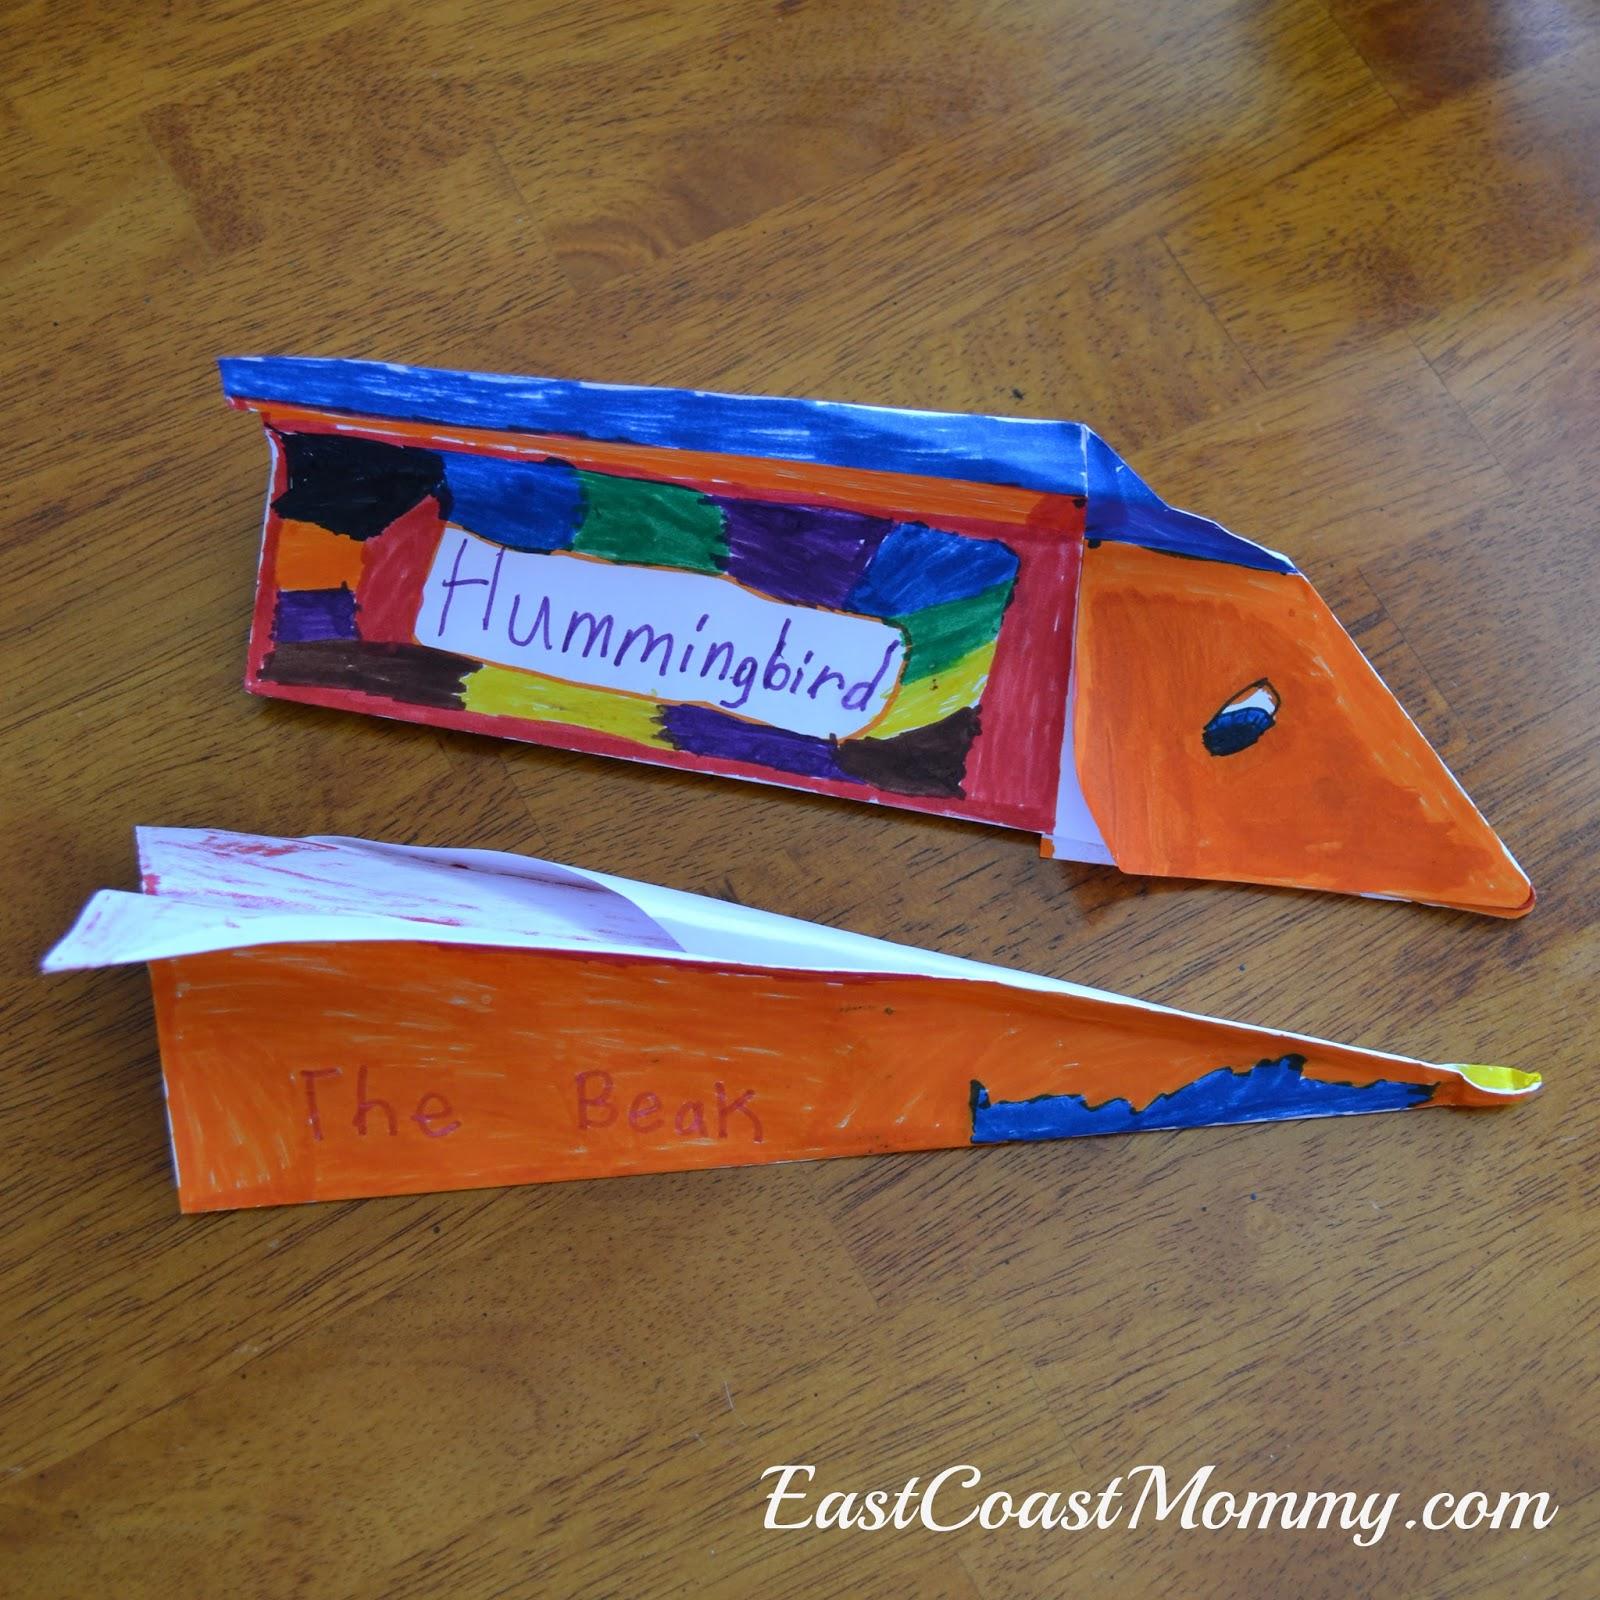 East Coast Mommy Loop De Loop Paper Airplane With Free Printable